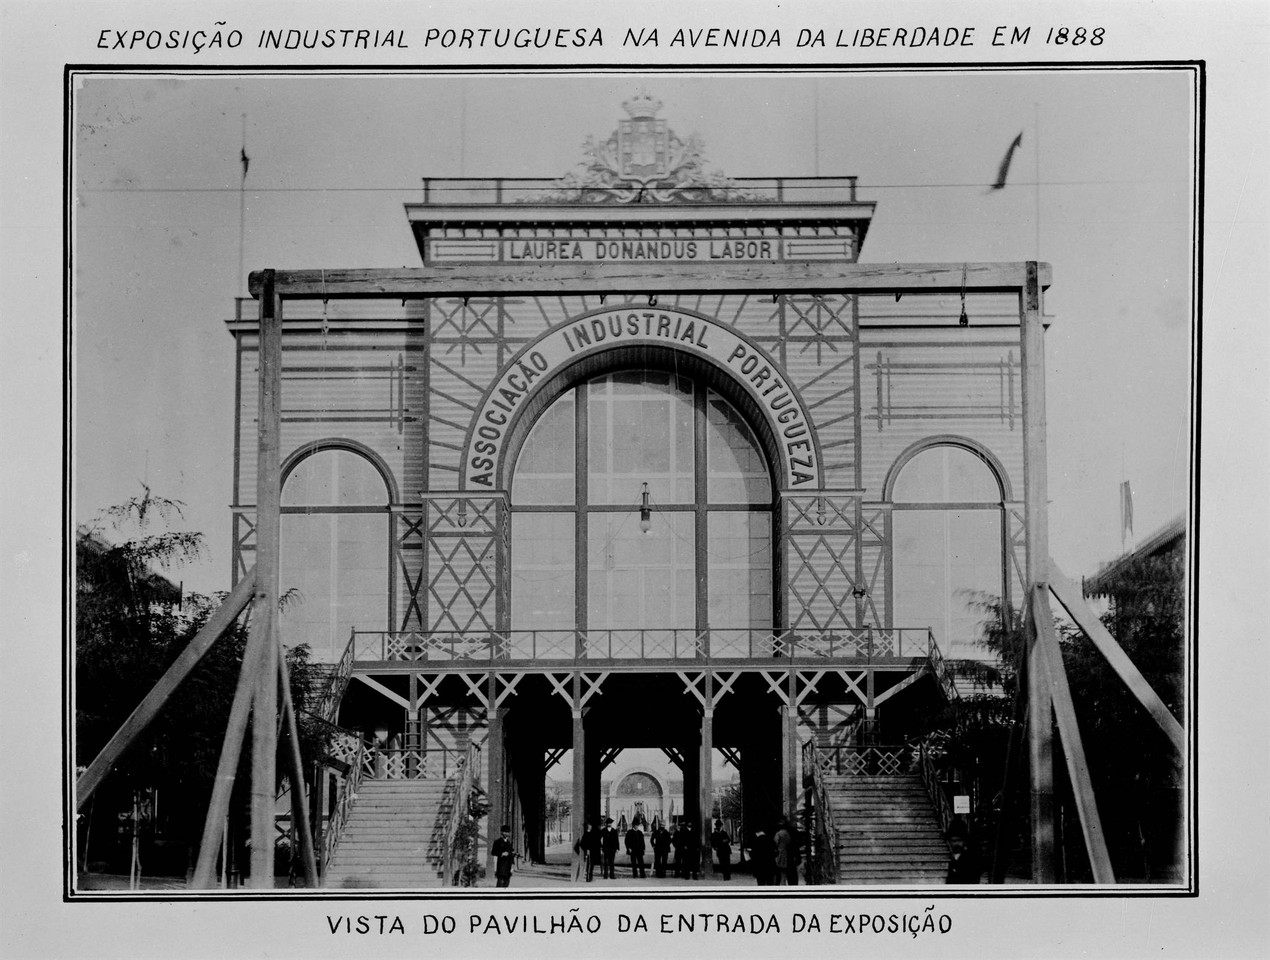 Pavilhão da Exposição Pecuária, Industrial e A